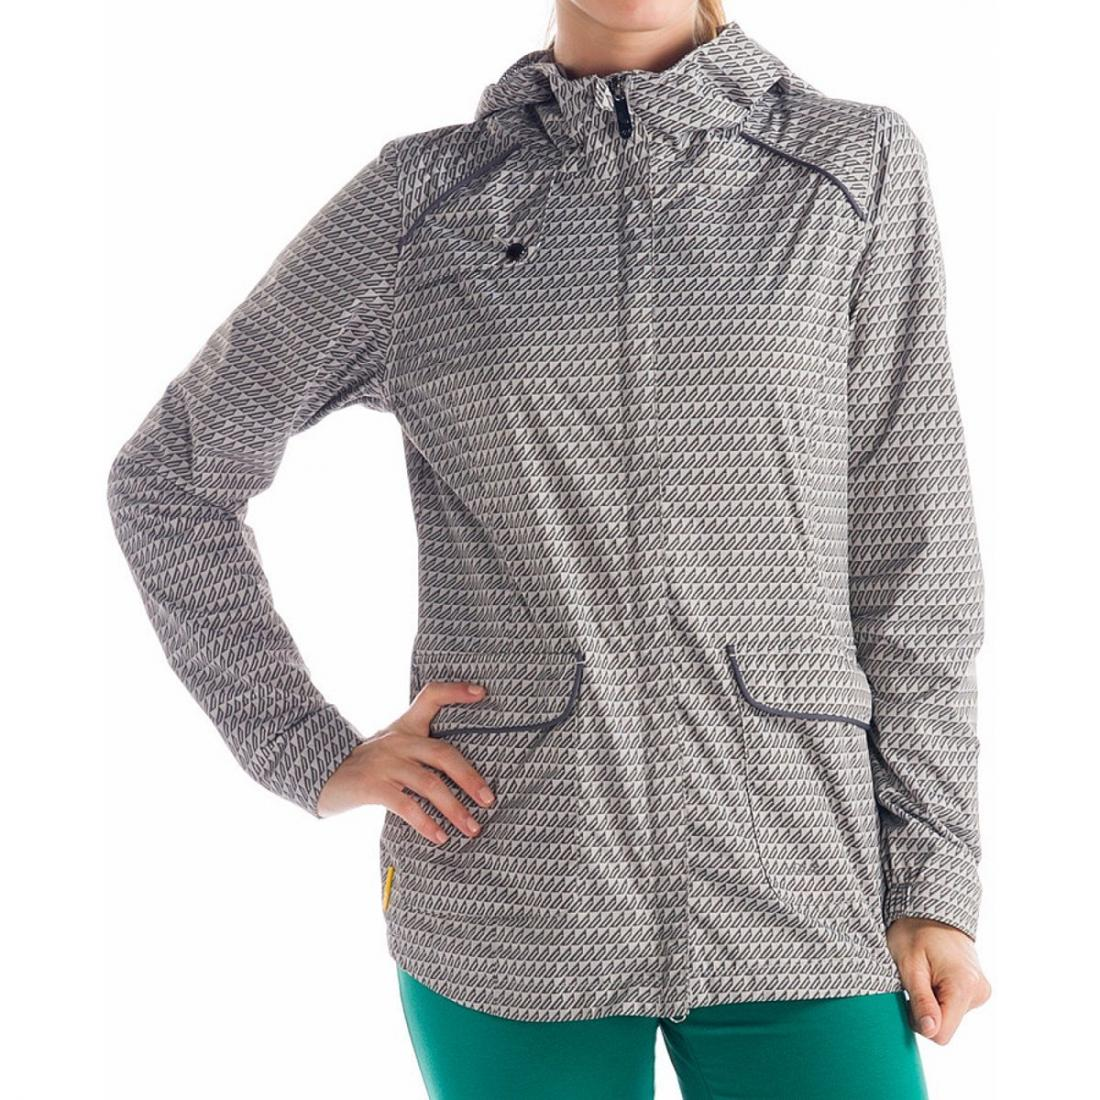 Куртка LUW0229 CAMDEN JACKETКуртки<br>CAMDEN JACKET – легкая женская куртка с капюшоном, которая может использоваться как ветровка, часть спортивной экипировки  или в качестве повседневной одежды. Модель выполнена из легкой, необыкновенно ноской, дышащей и водонепроницаемой ткани.<br><br>&lt;...<br><br>Цвет: Серый<br>Размер: M